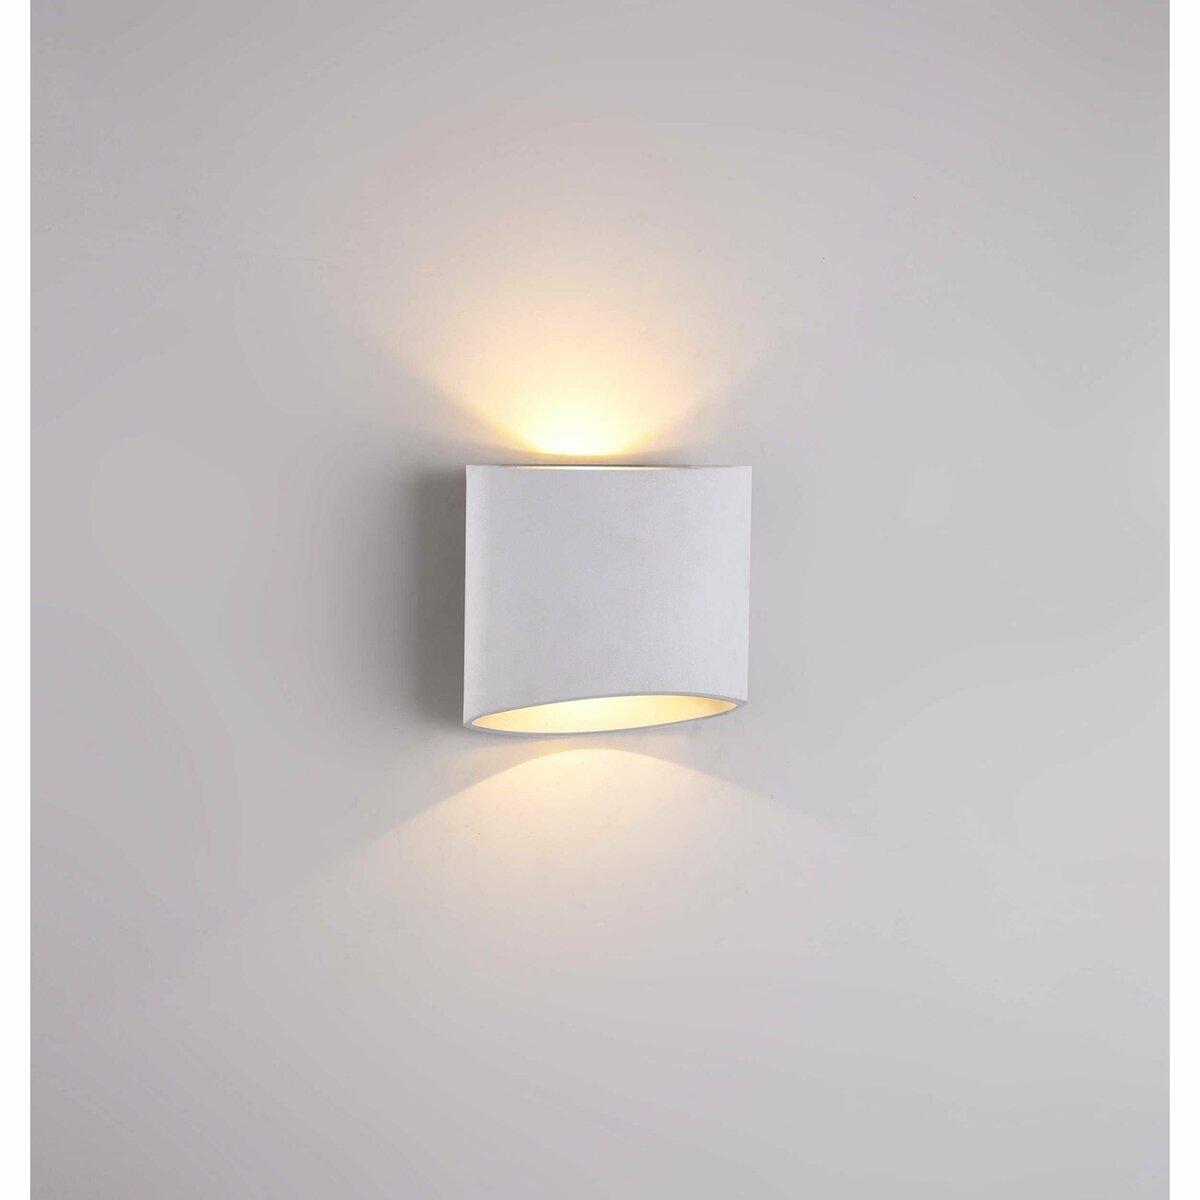 Bild 1 von DesignLive LED-Außenwandleuchte   ATLANTA